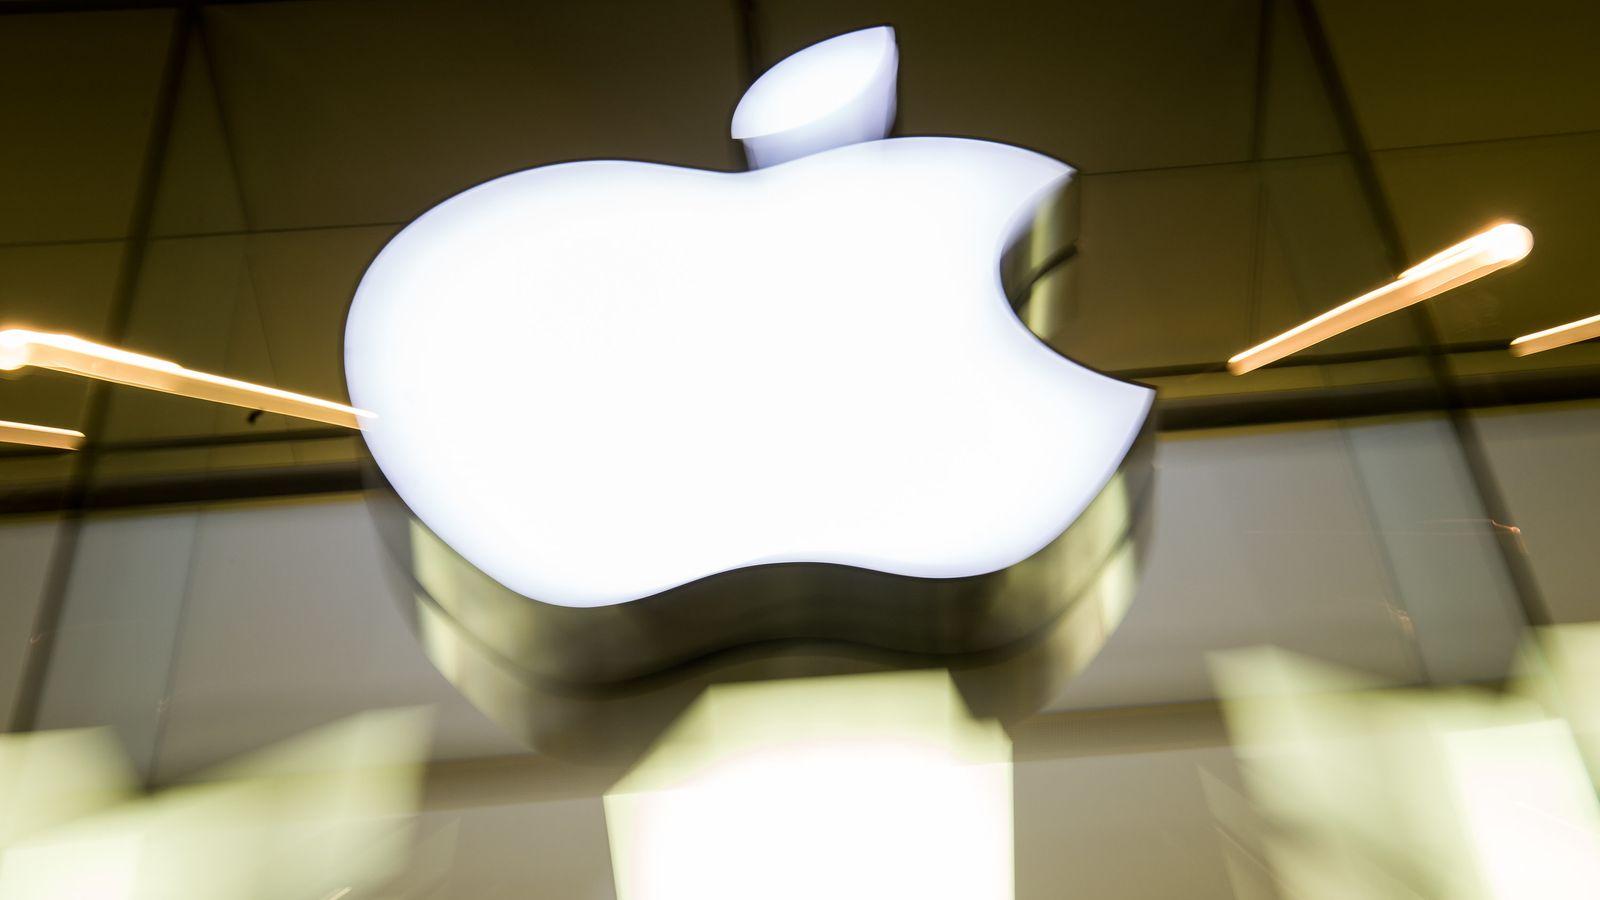 Apple produziert Atemschutzmasken für Klinikpersonal